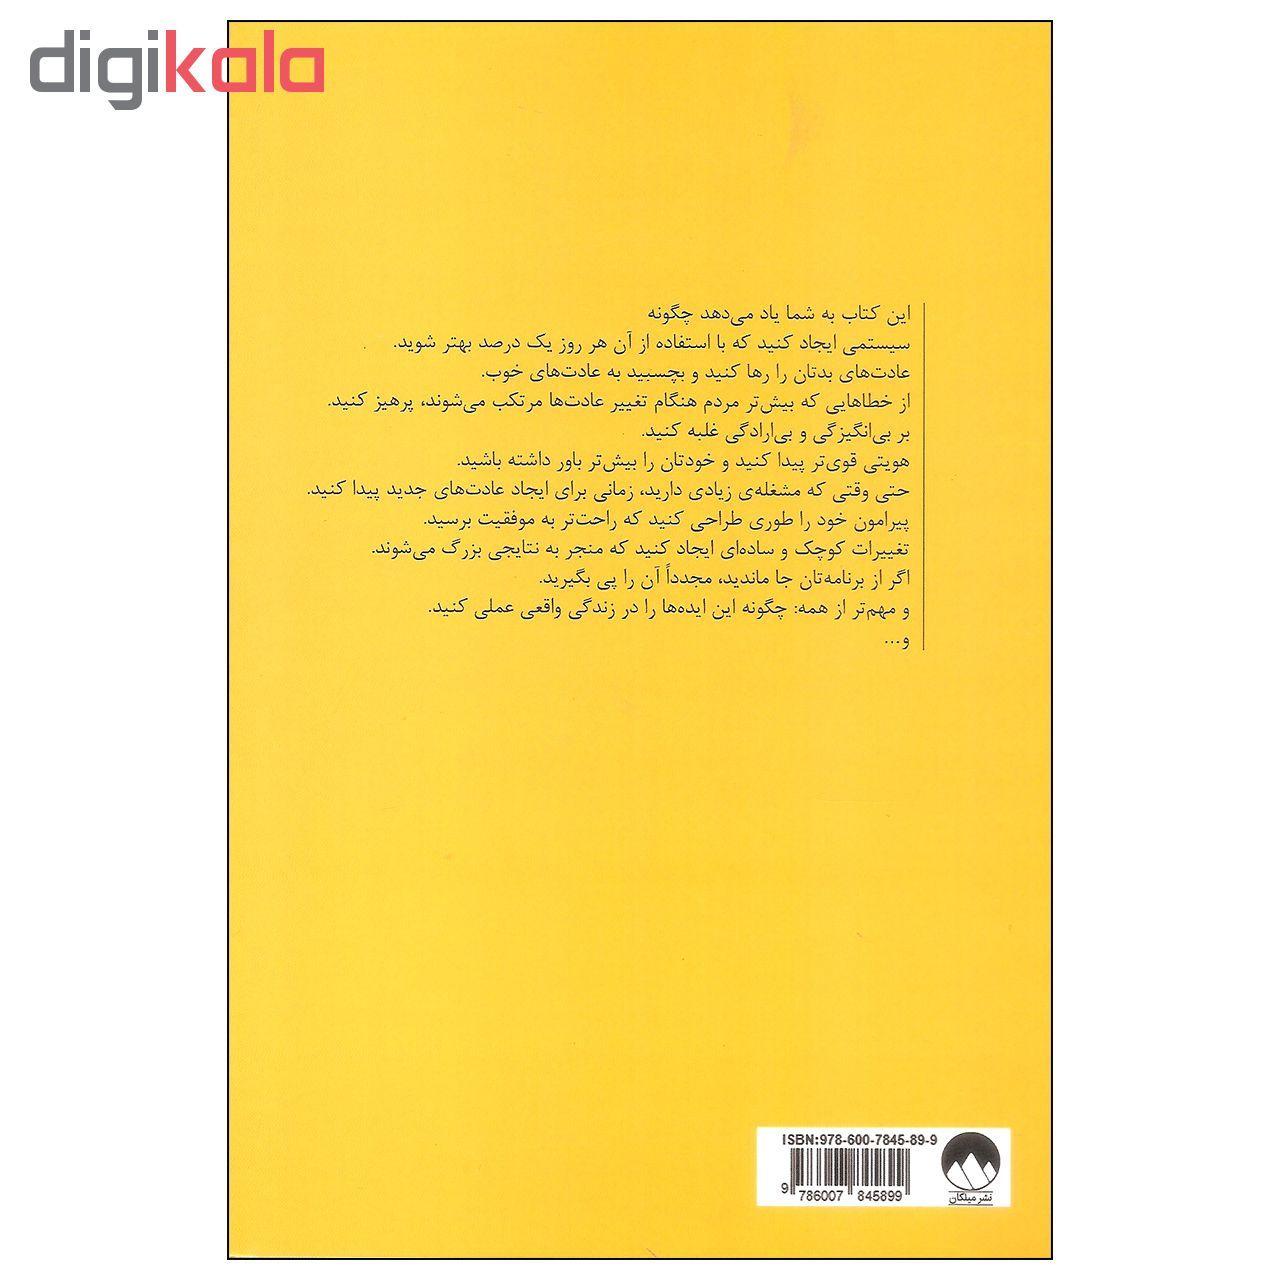 کتاب خرده عادت ها اثر جیمز کلییر نشر میلکان main 1 2